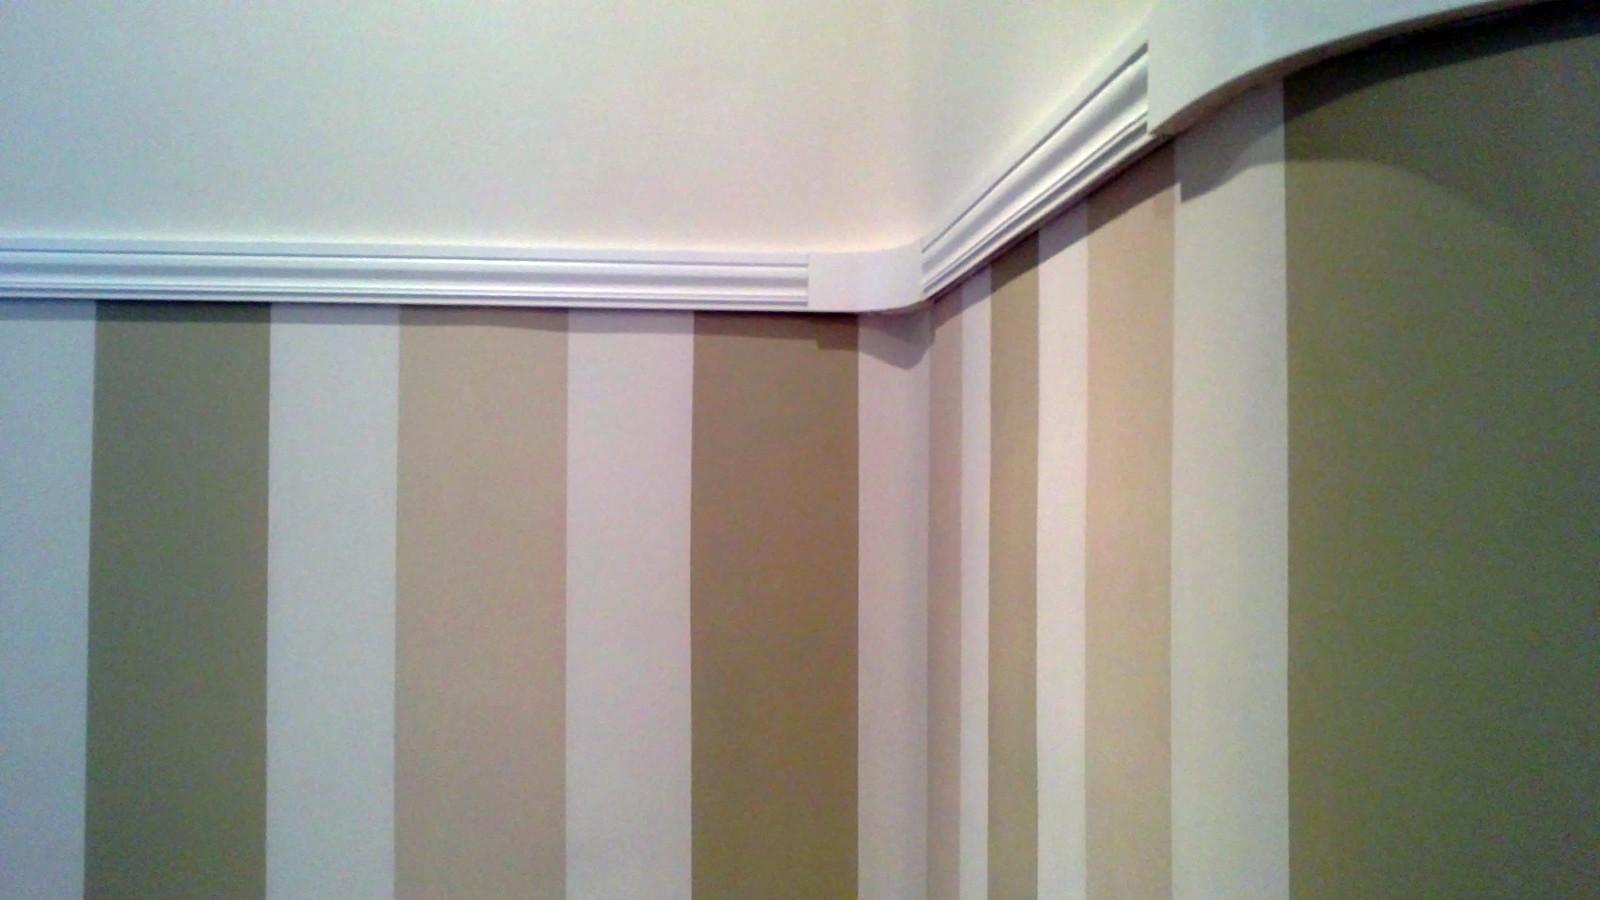 Foto friso tricolor contaste con pintura lisa en parte superior paredes separada con una - Paredes de friso ...